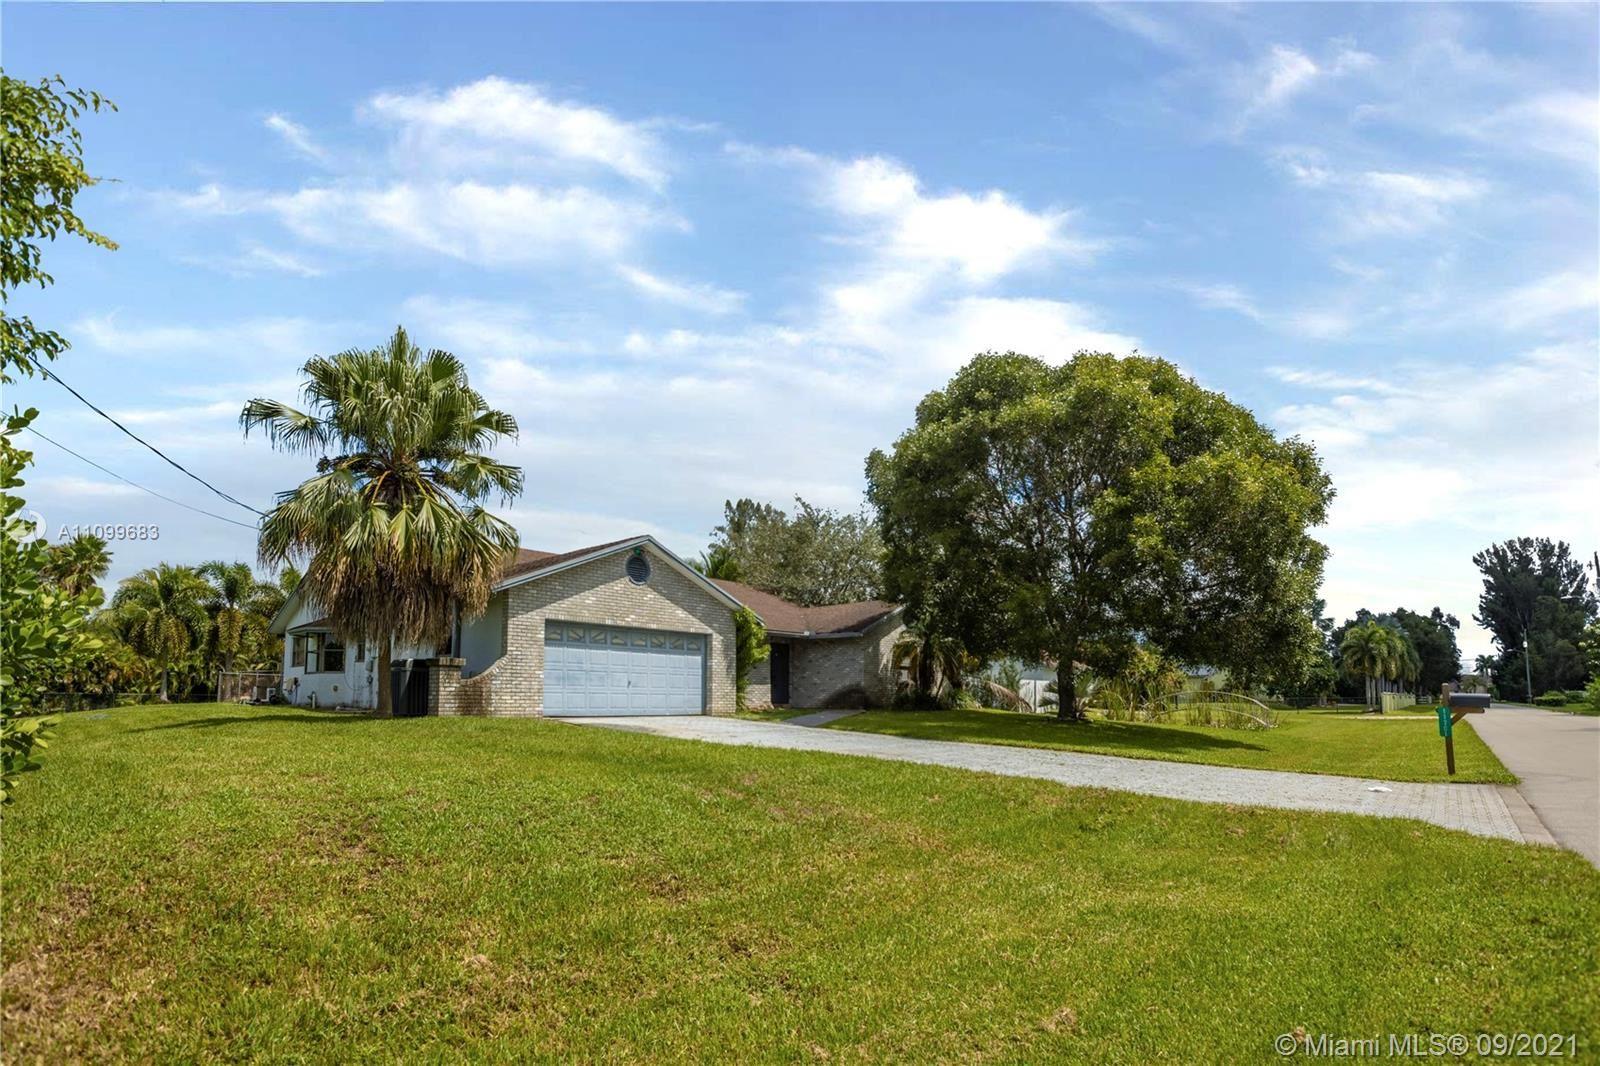 11701 NW 18th Ct, Plantation, FL 33323 - #: A11099683